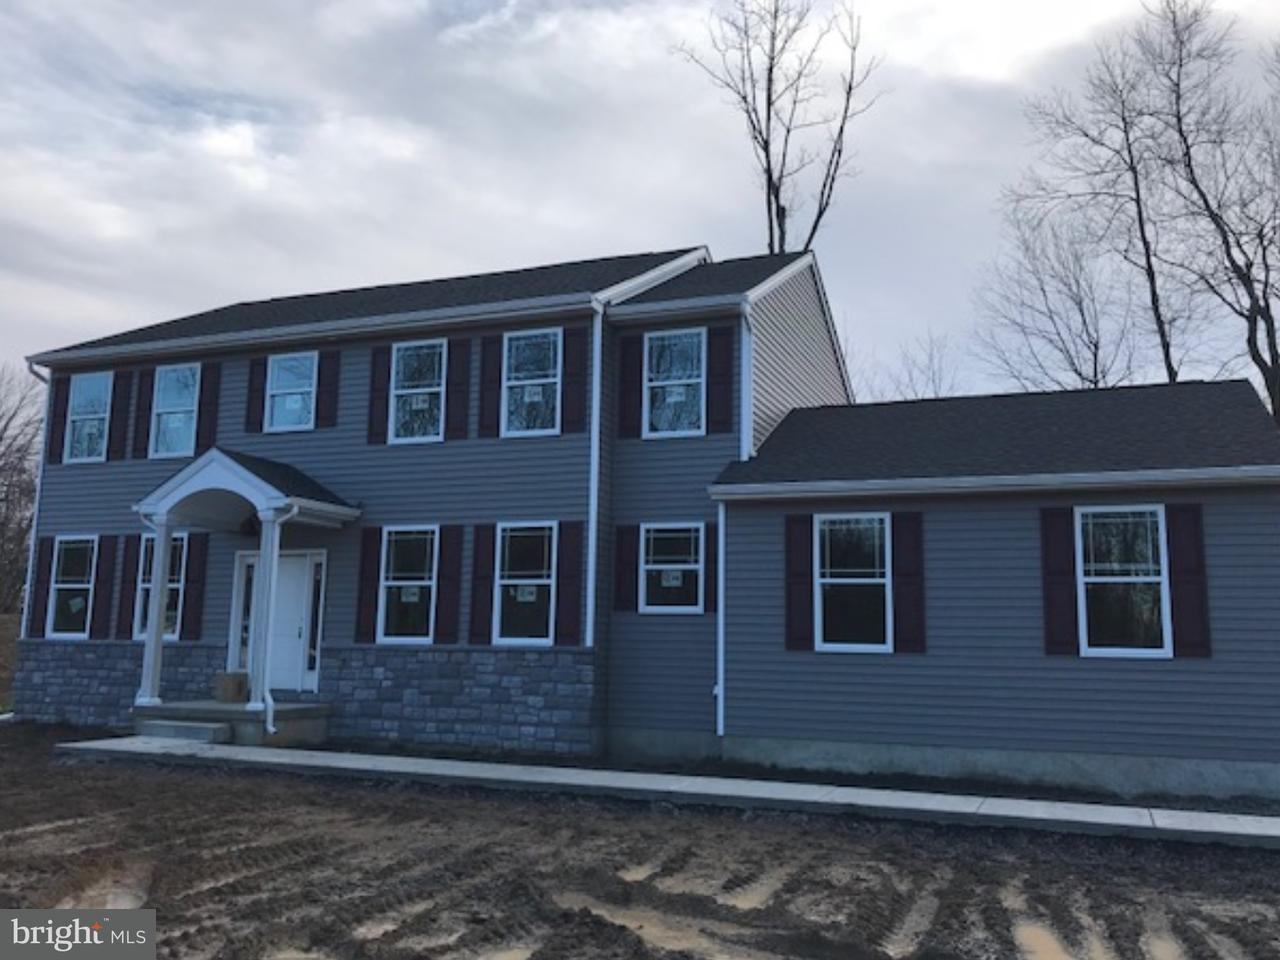 Maison unifamiliale pour l Vente à RIDGE VALLEY Road Sellersville, Pennsylvanie 18960 États-Unis